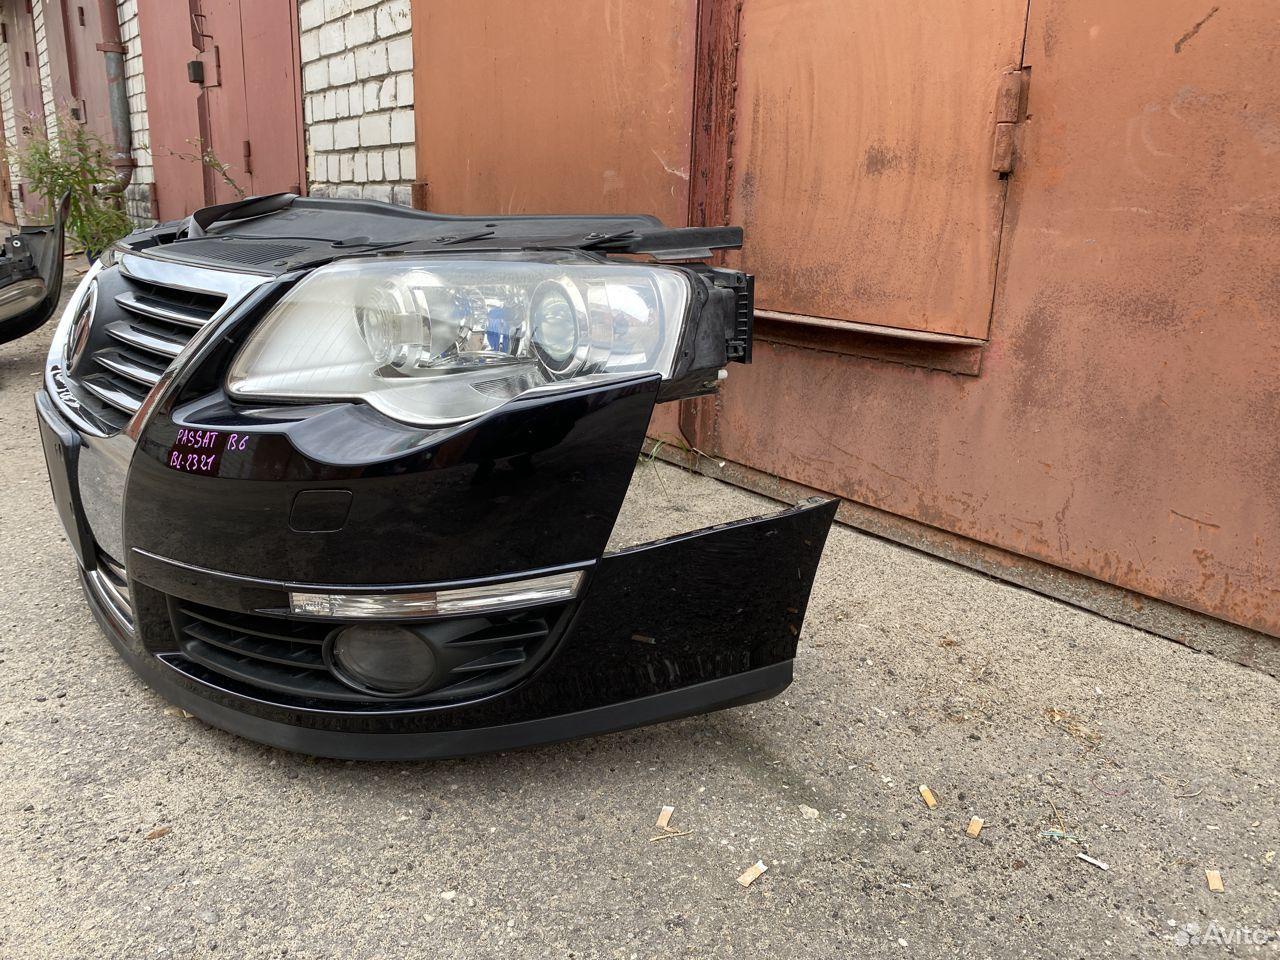 Ноускат черный Volkswagen Passat B6  89534684247 купить 4